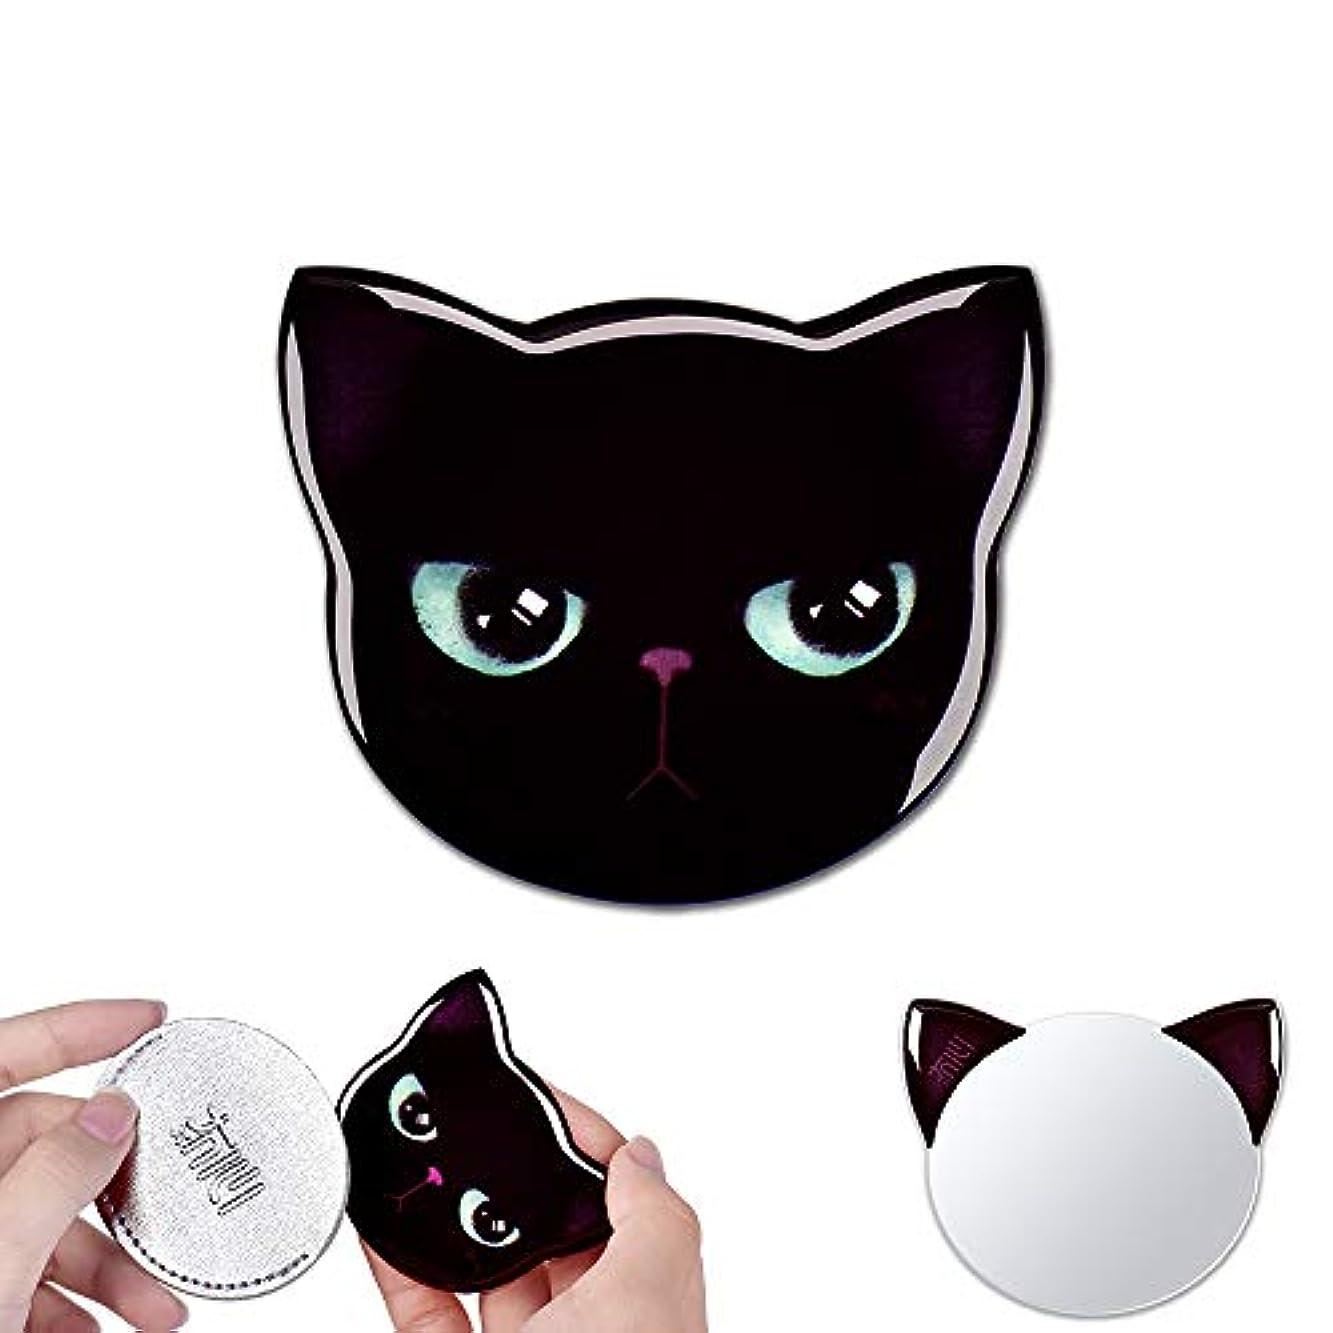 ファイアル成熟ゲートウェイ携帯ミラー コンパクトミラー かわいい 猫型 ポケットミラー 軽量 おしゃれ ハンドミラー 可愛い 手鏡 化粧鏡 ミニ 鏡 猫 ミラー 収納袋付き ギフト プレゼント レディース メンズ(5-黒助)